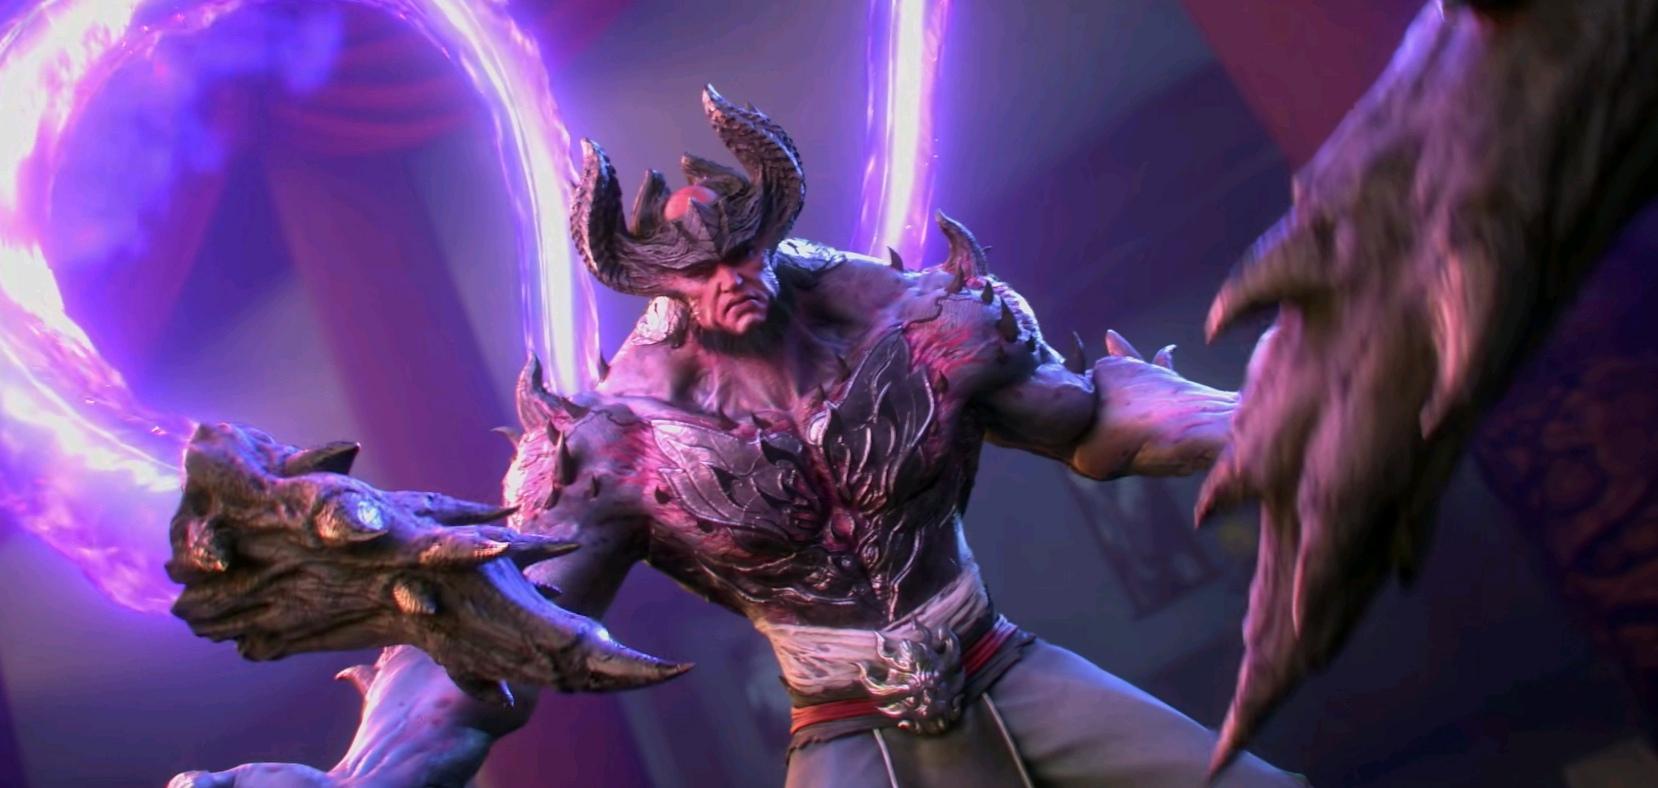 斗破苍穹:墨承强加不少戏份,第三季可能没有八翼黑蛇皇